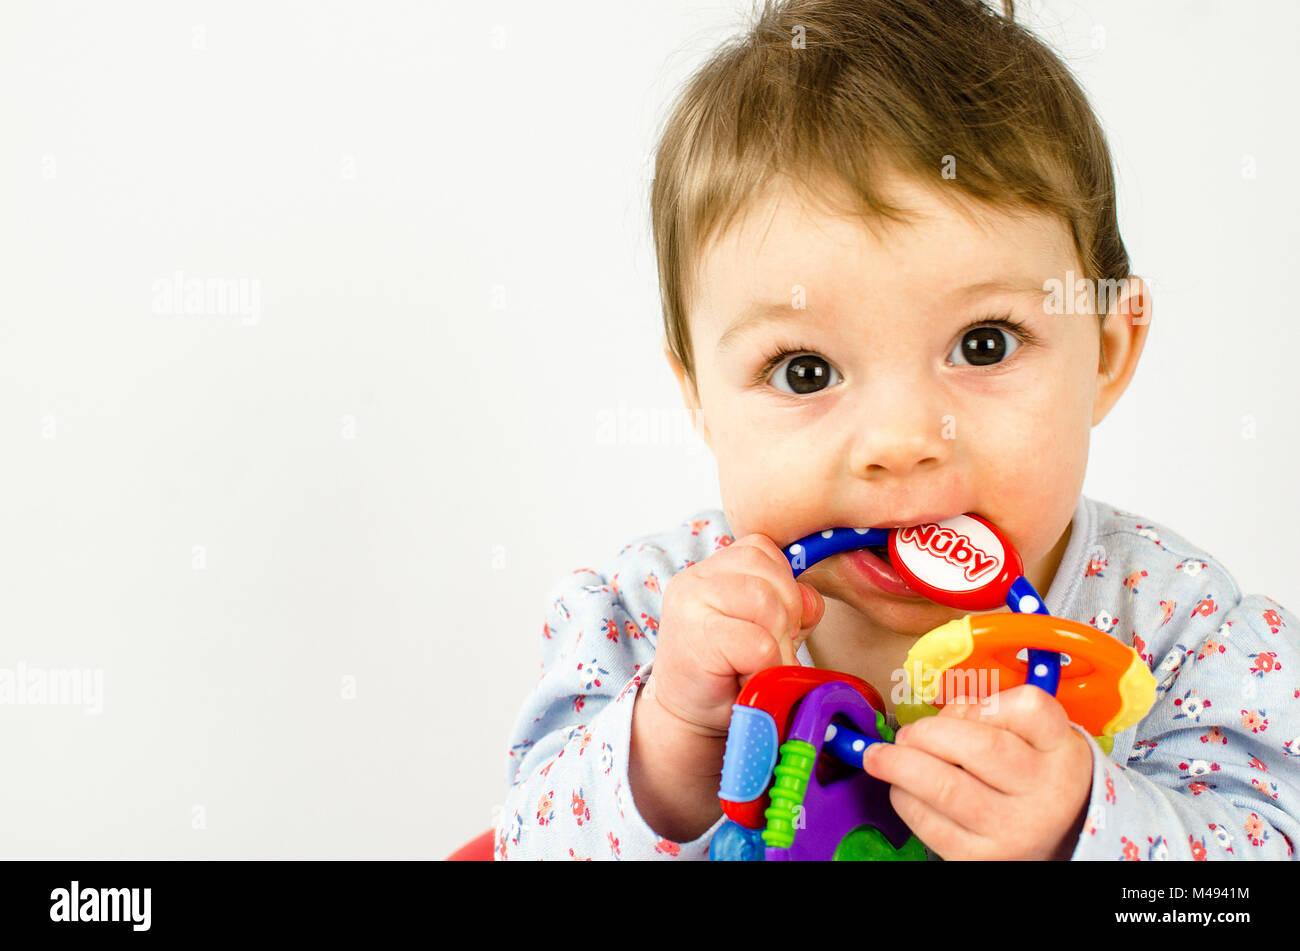 teething baby girl - Stock Image